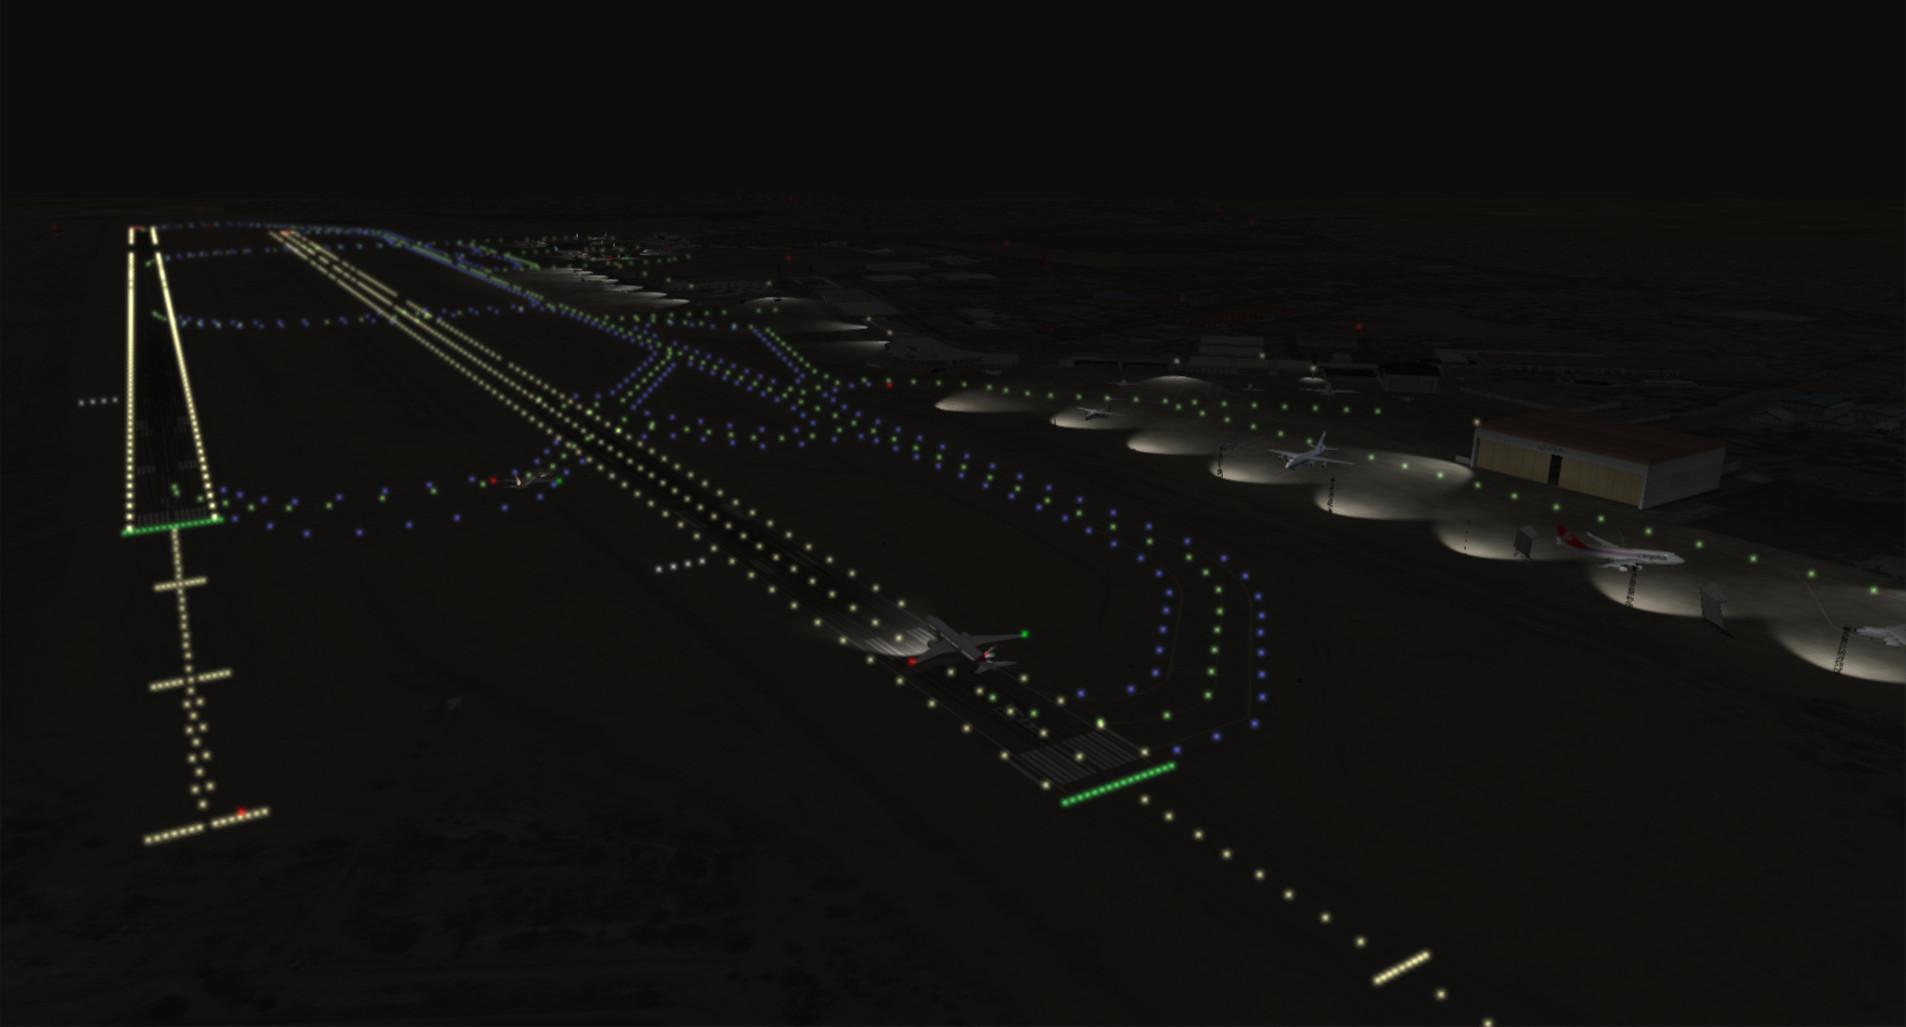 runway-at-night-1